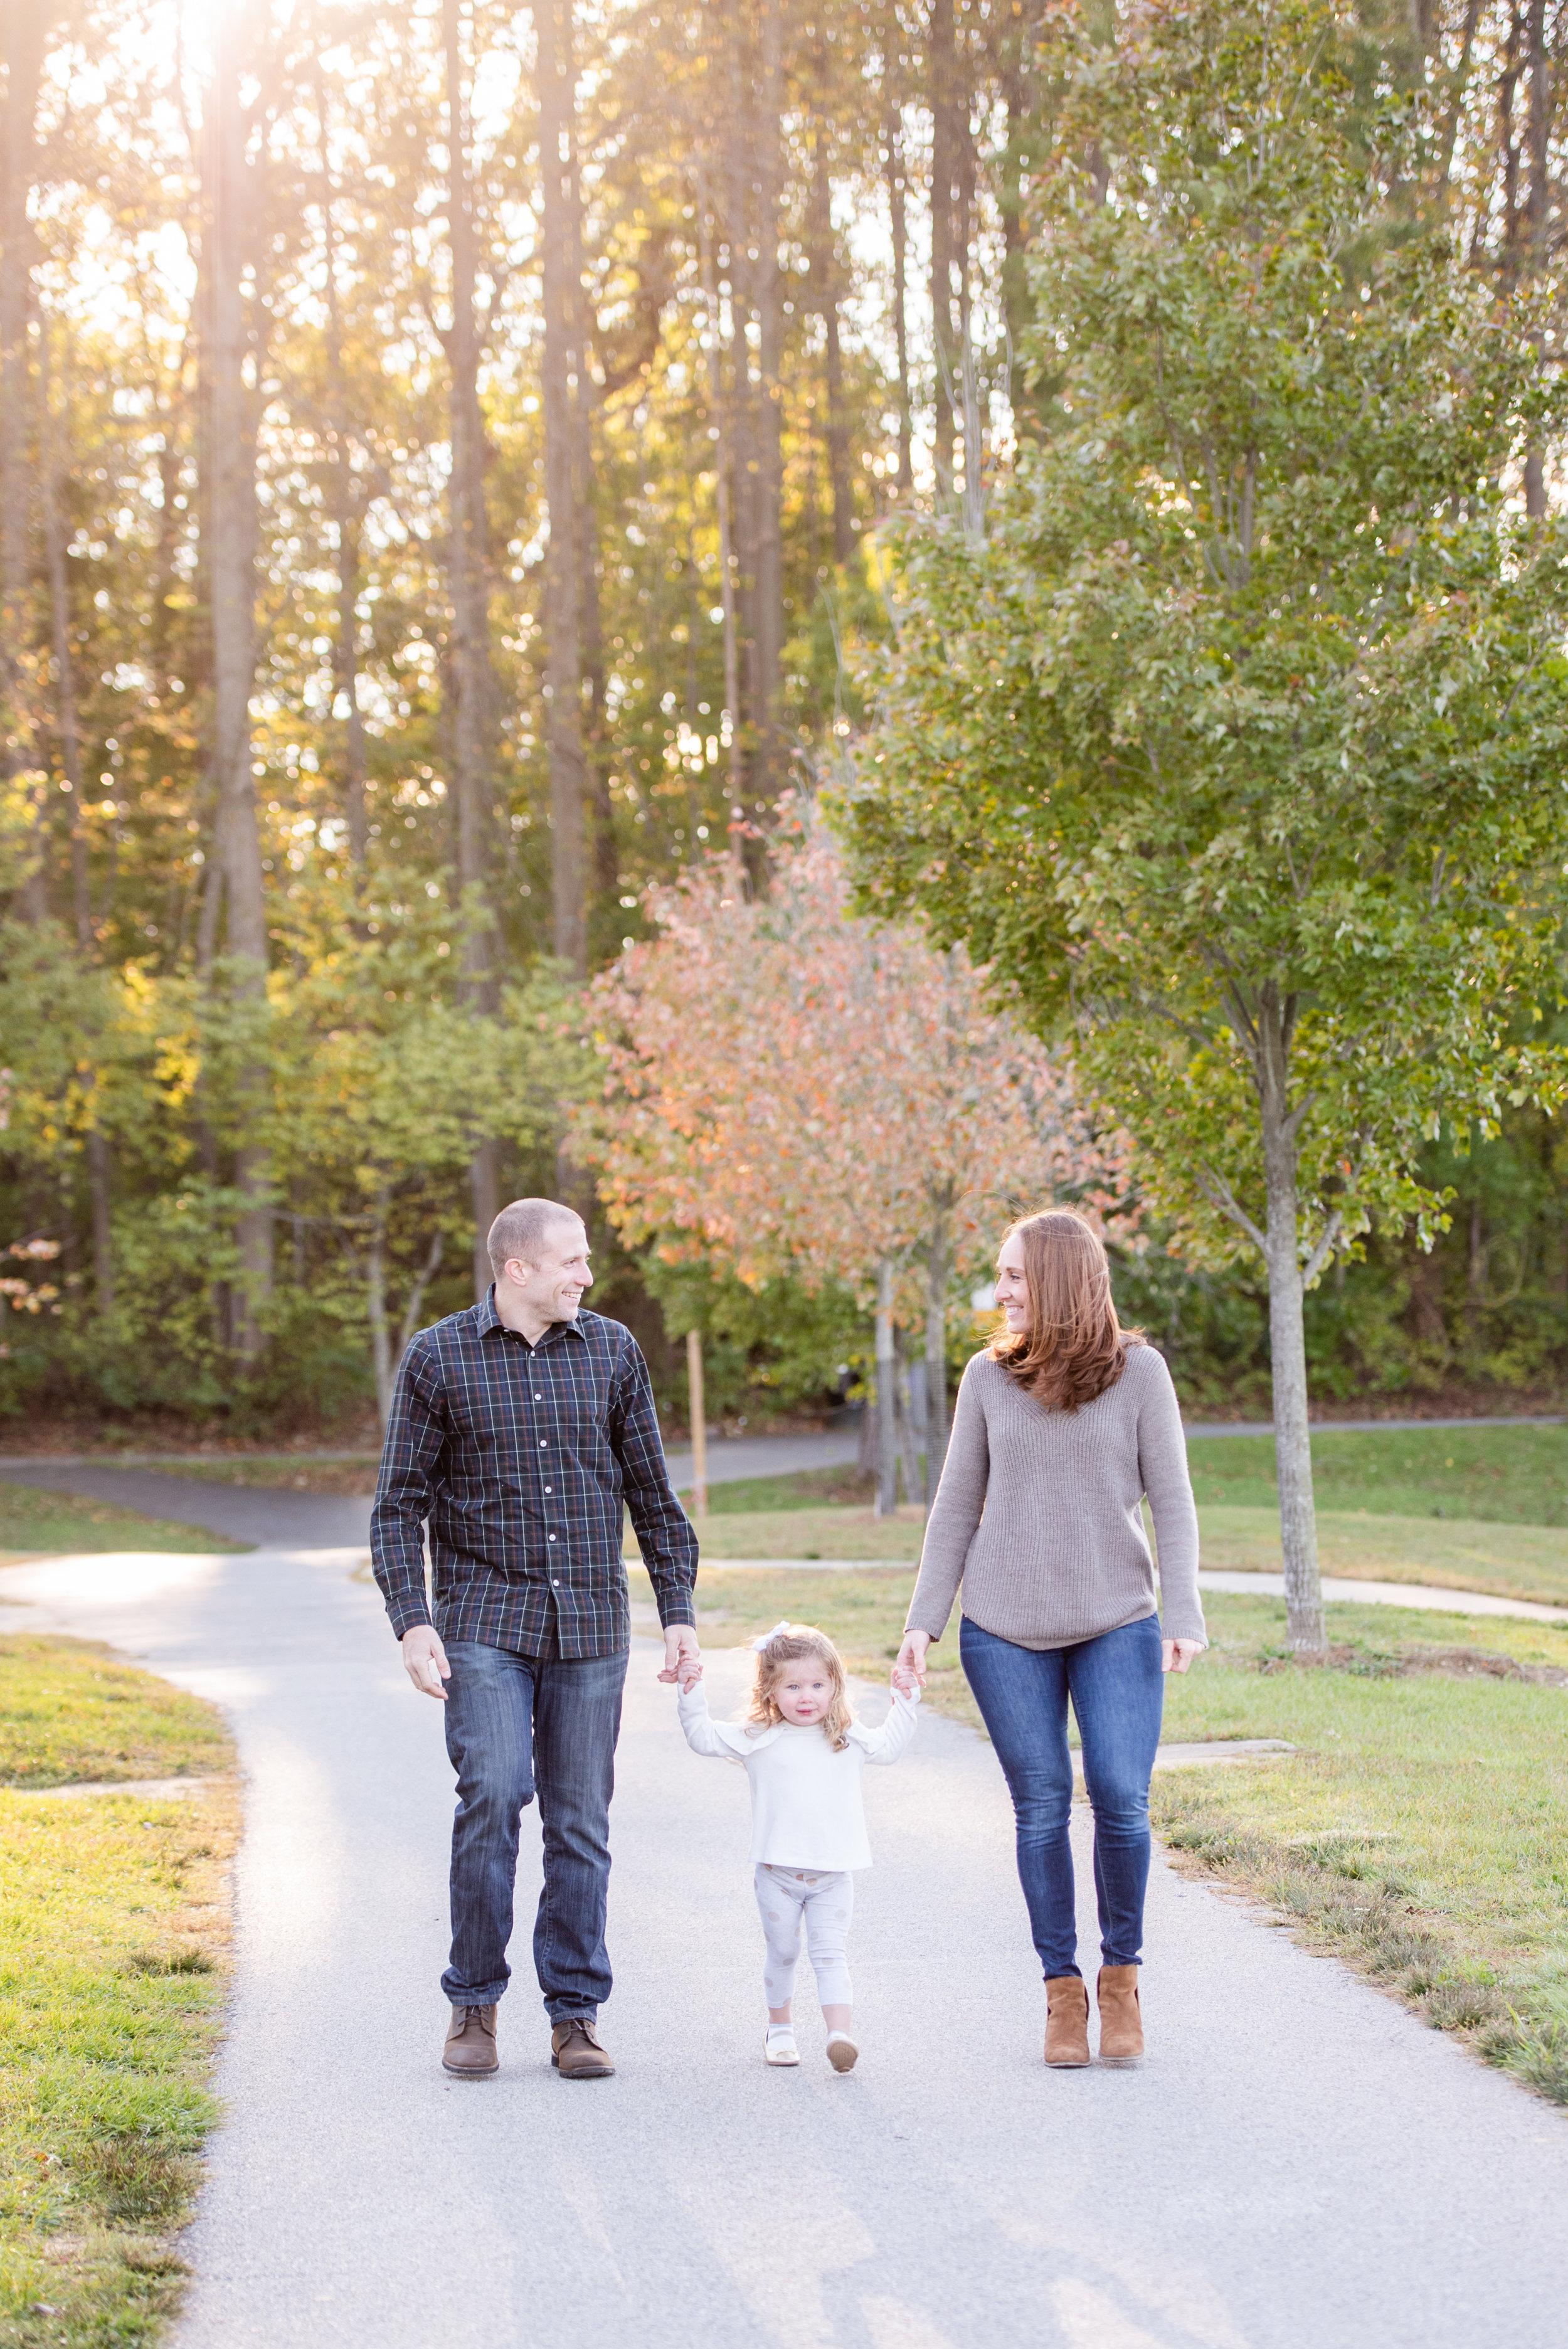 The-Wilner-Family-Centennial-Park-Maryland-Family-Photographer (42 of 139).jpg